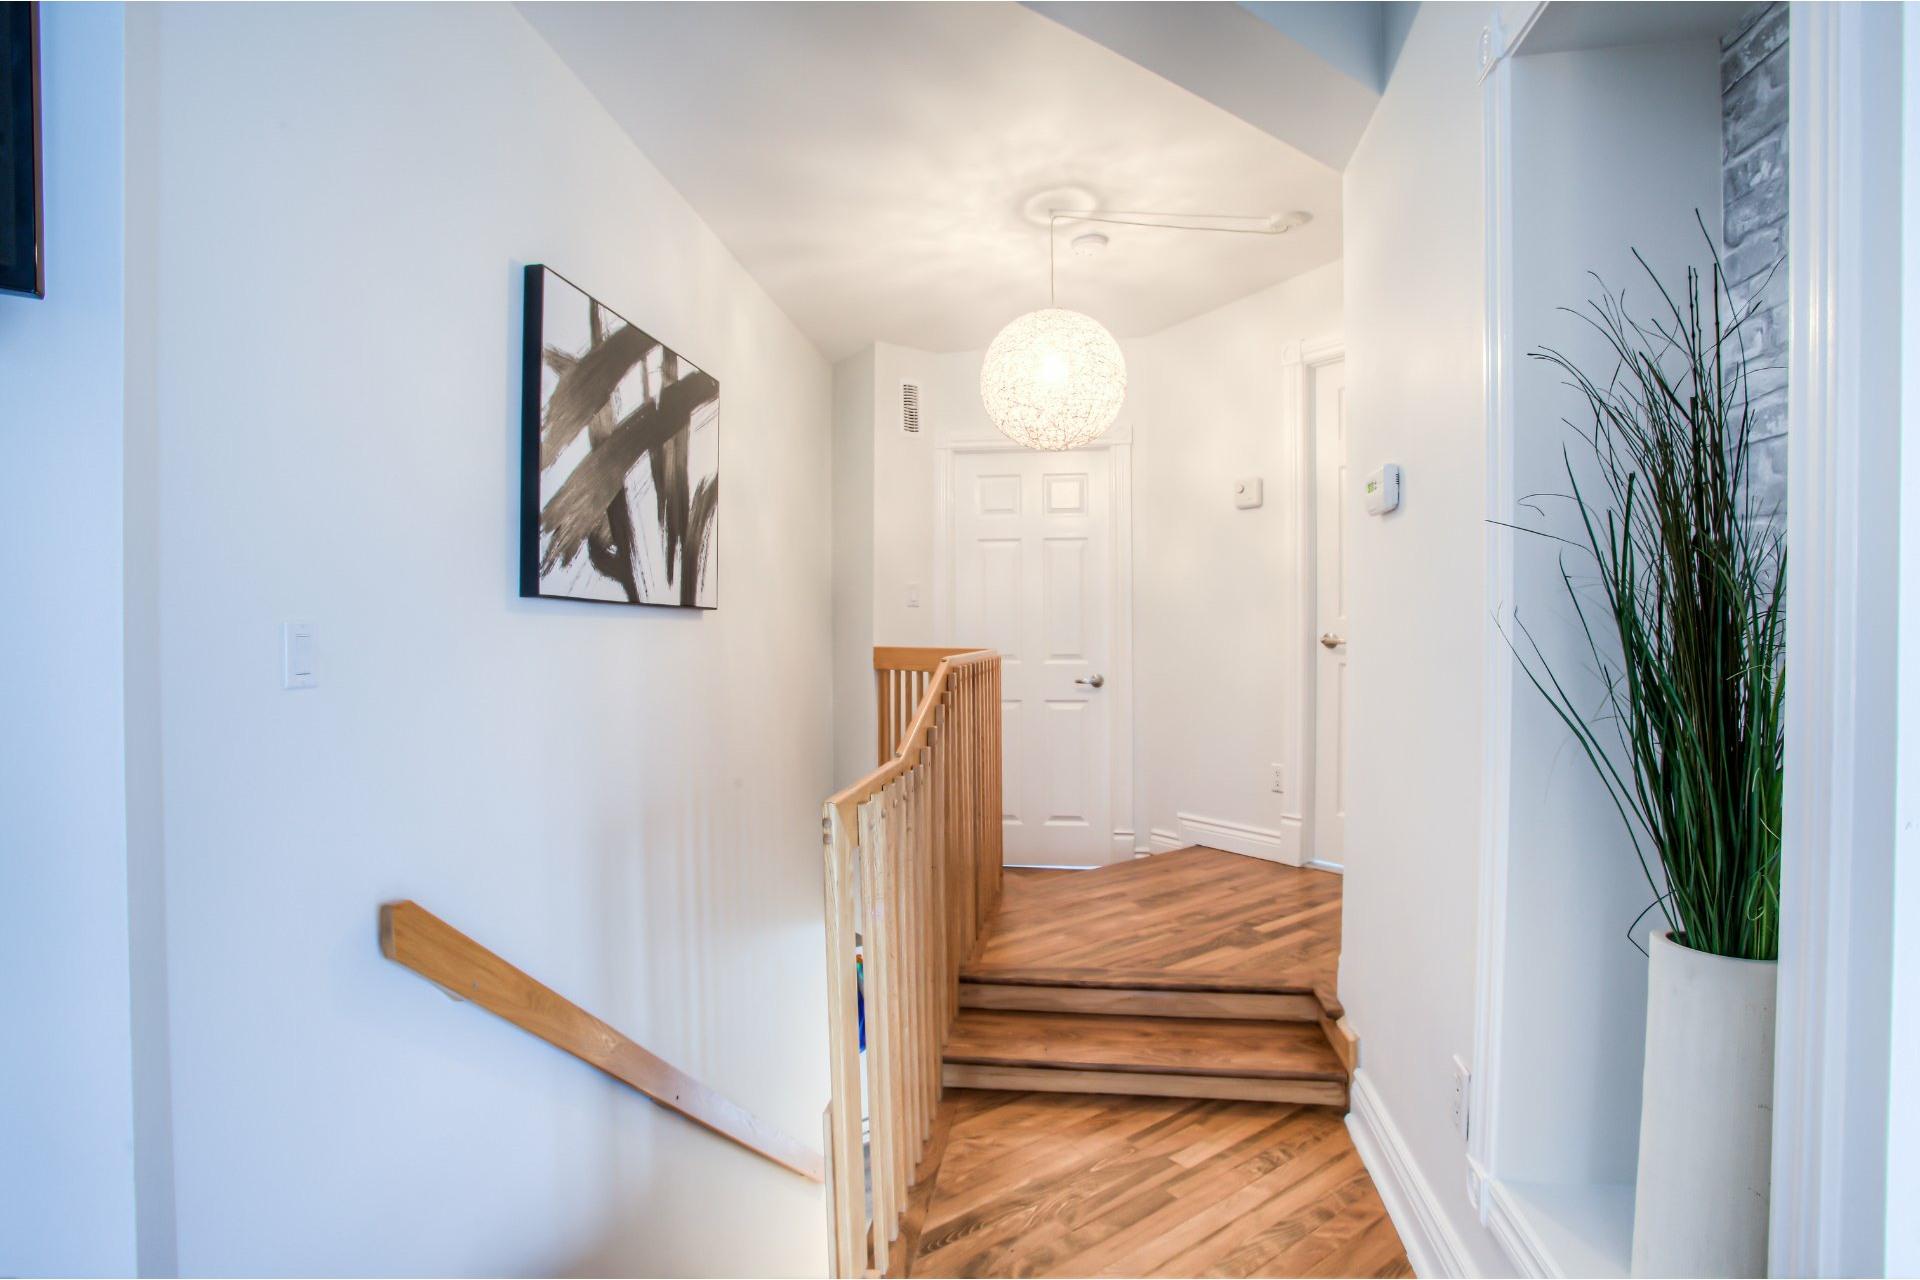 image 3 - Maison À vendre Notre-Dame-de-l'Île-Perrot - 10 pièces